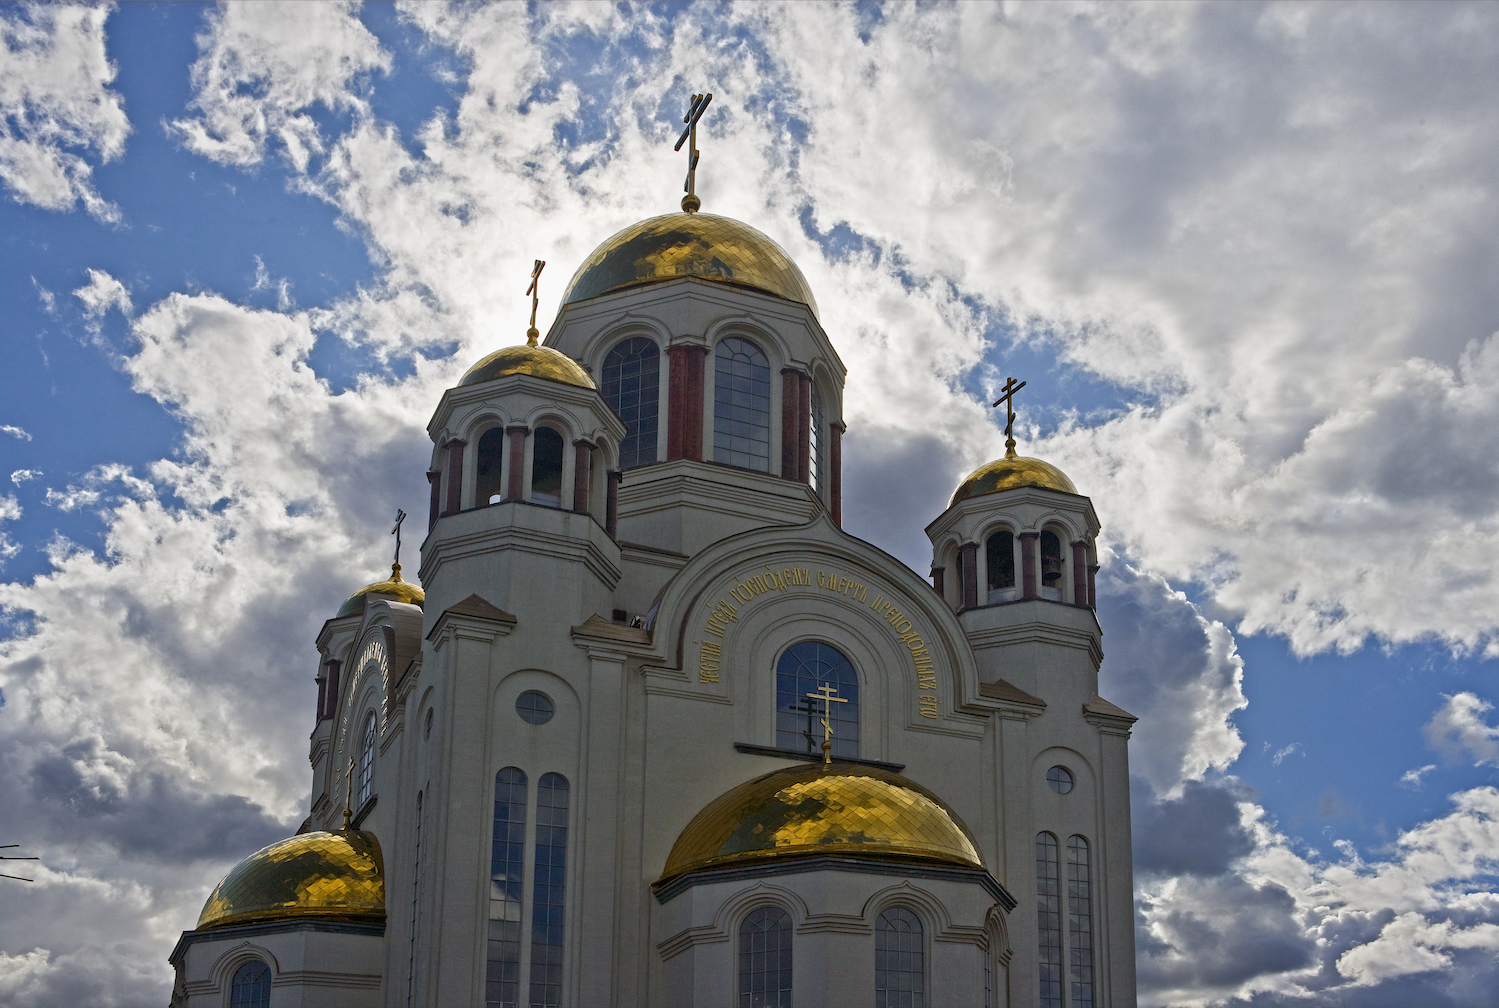 Yekaterinburg church on Golden Eagle Trans-Siberian journey